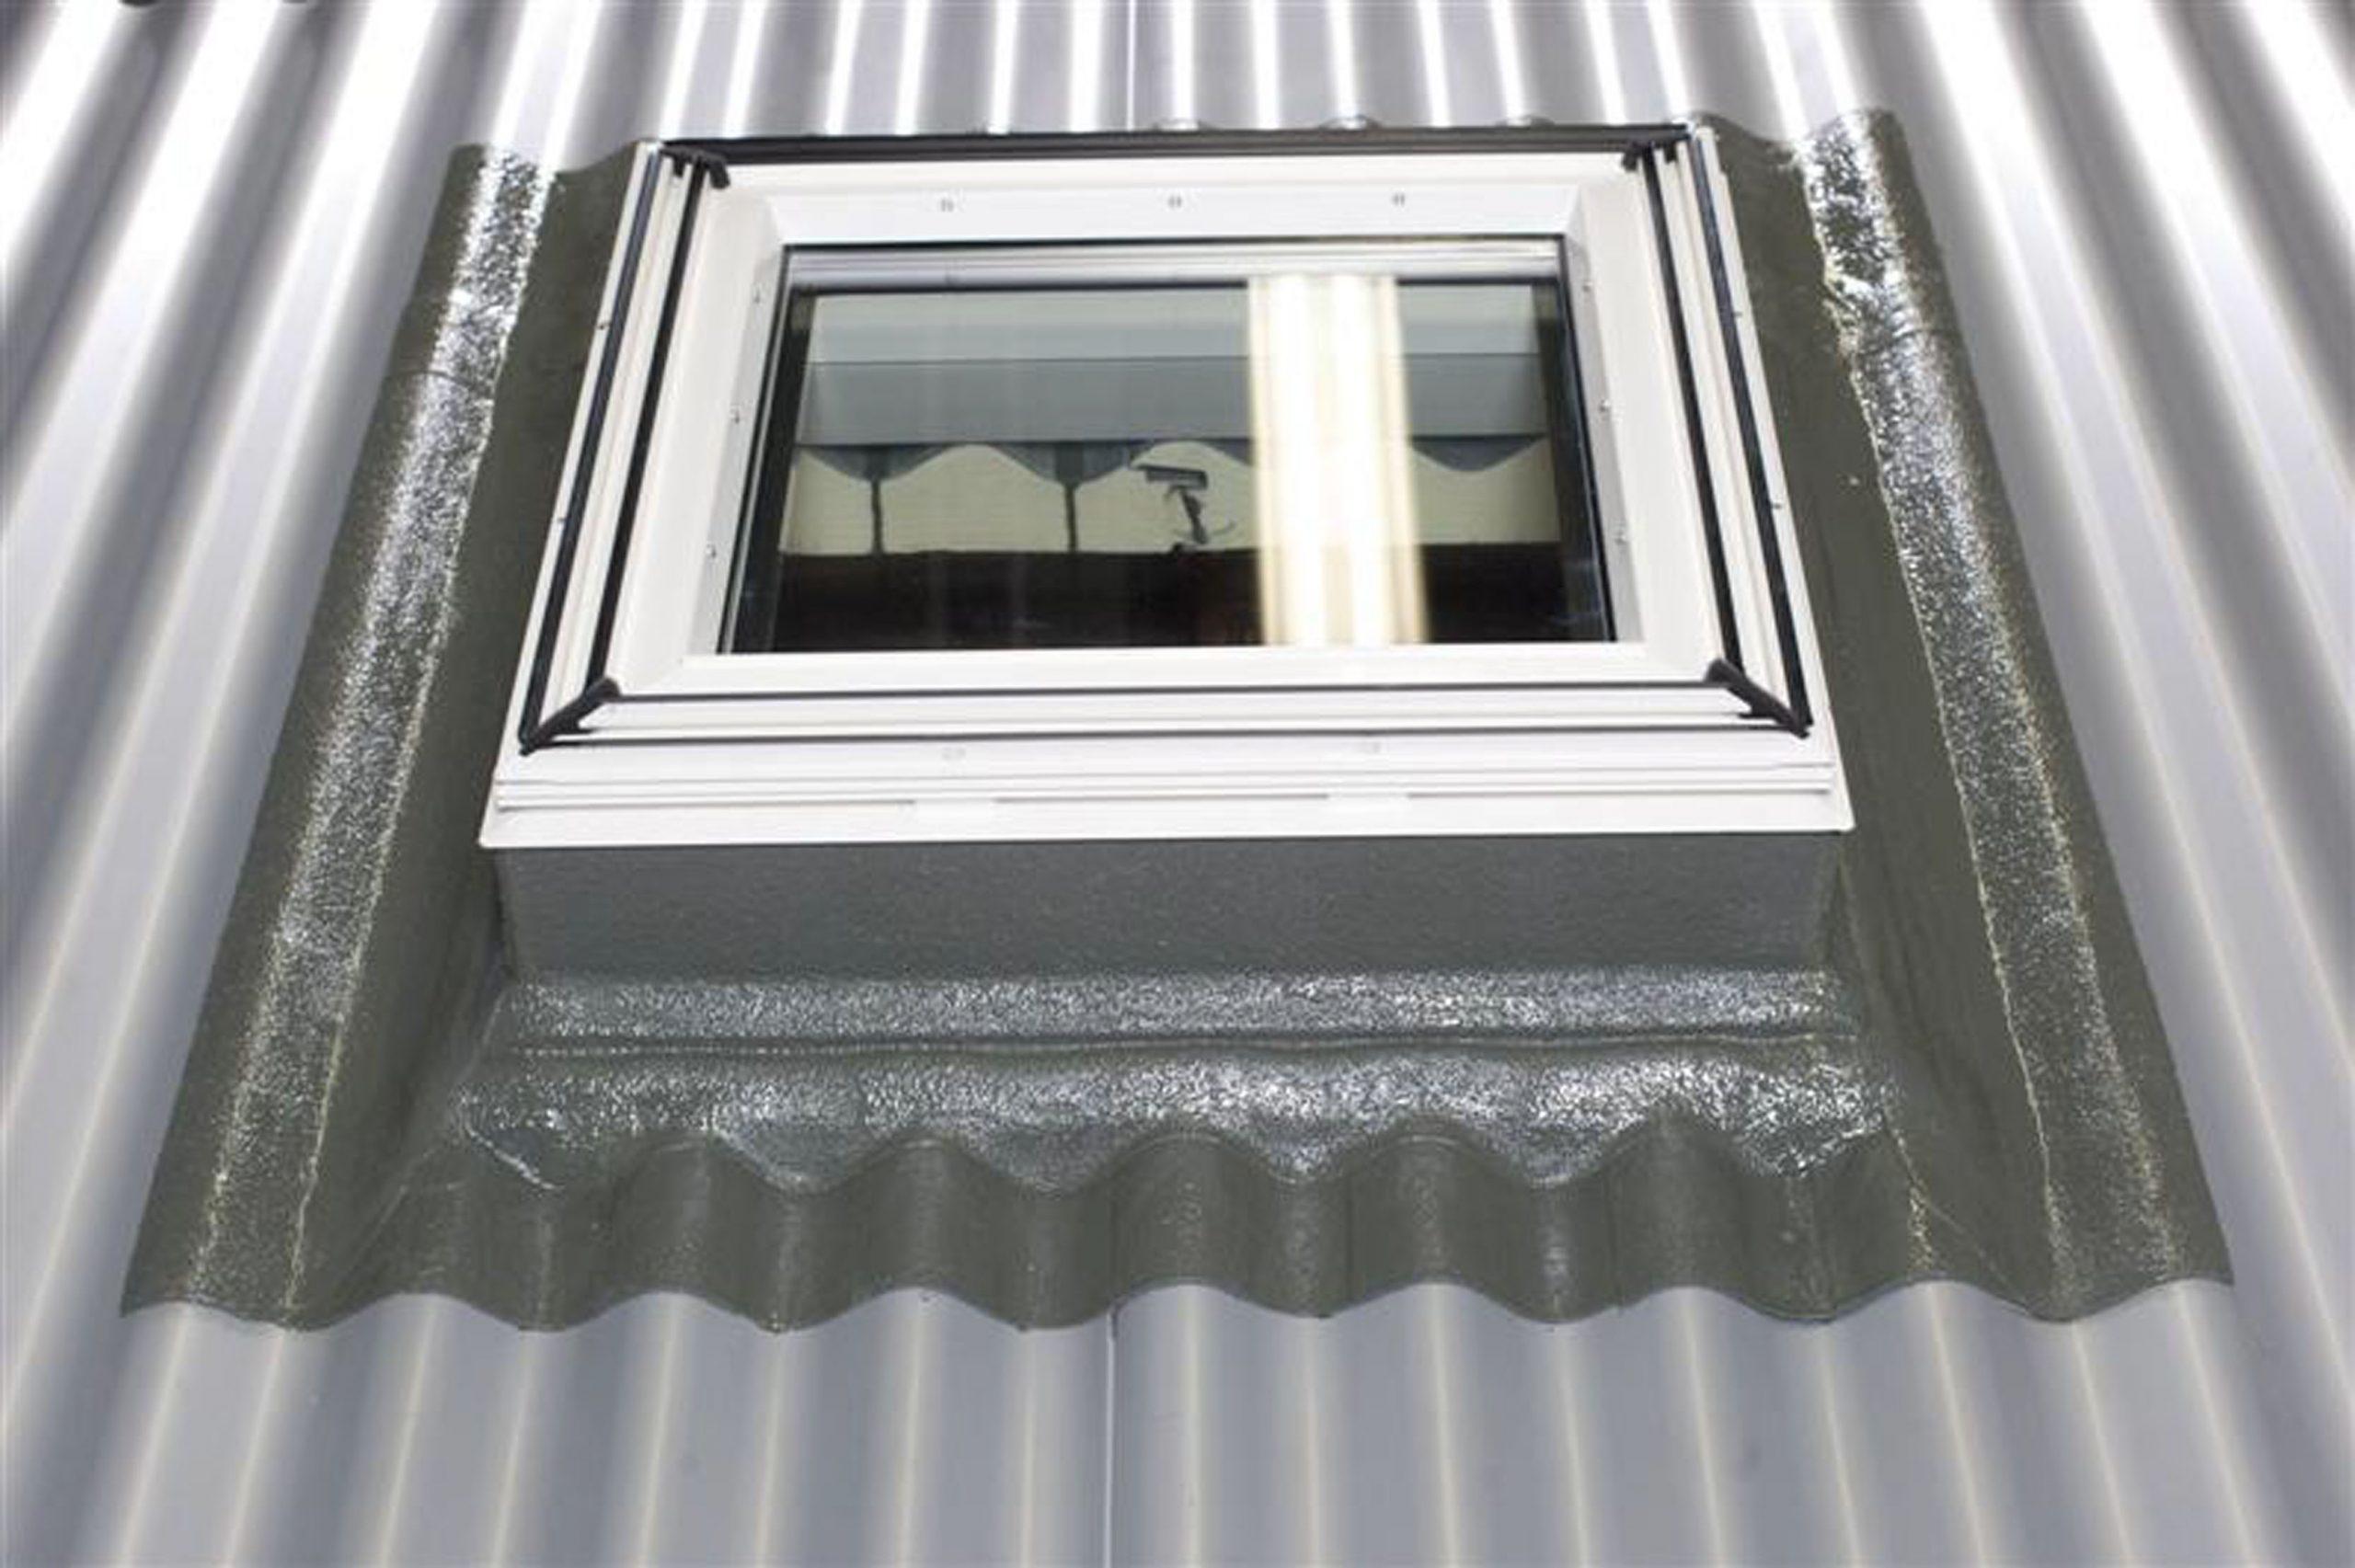 Full Size of Flachdach Fenster Einbau Von Veluflachdachfenstern Am Welldach Türen Velux Kaufen Standardmaße Dänische Rolladen Nachträglich Einbauen Reinigen Fenster Flachdach Fenster